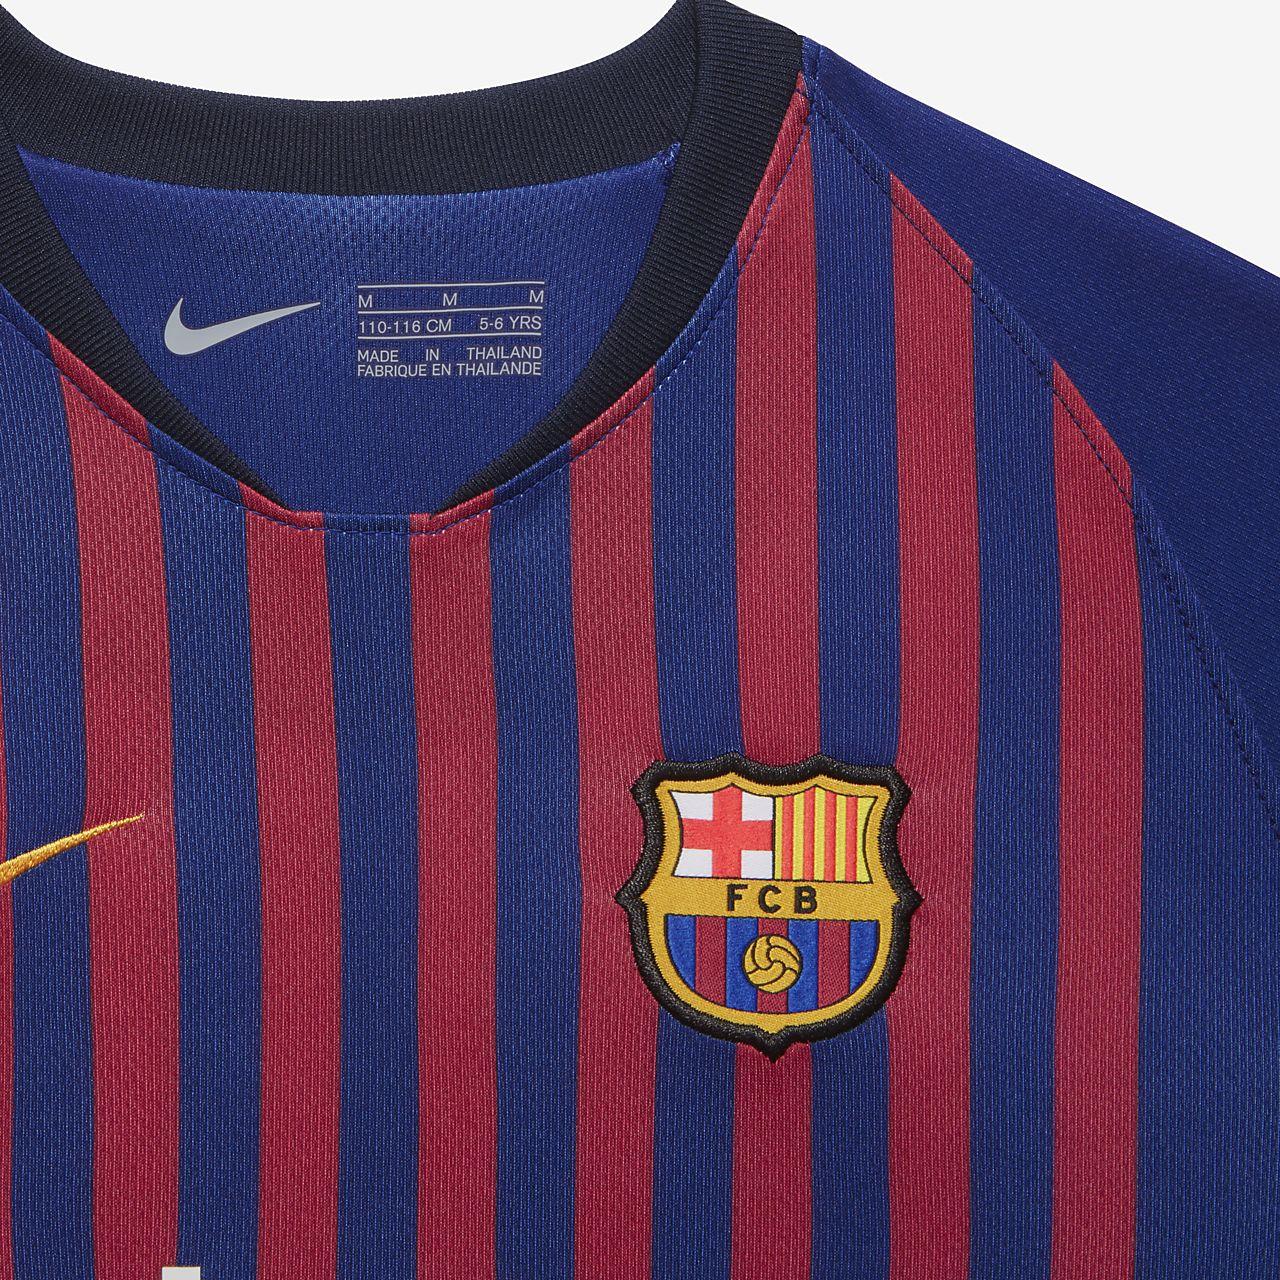 ... Kit de fútbol para niños talla pequeña de local Stadium del FC Barcelona  2018 19 7c68dcce8d9